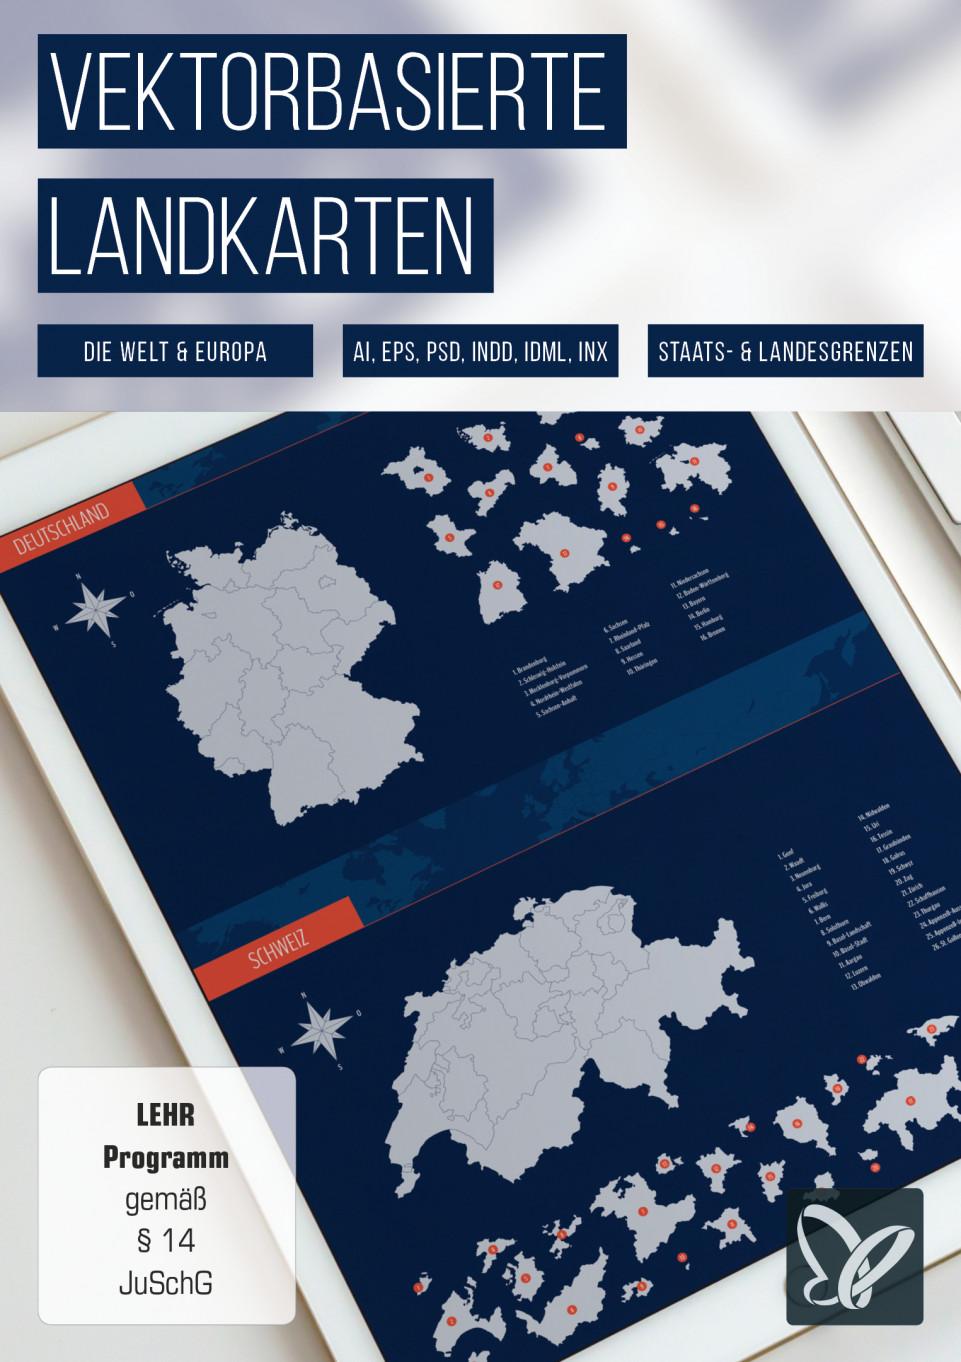 Vektorbasierte Landkarten: Welt, Europa, Deutschland, Österreich, Schweiz